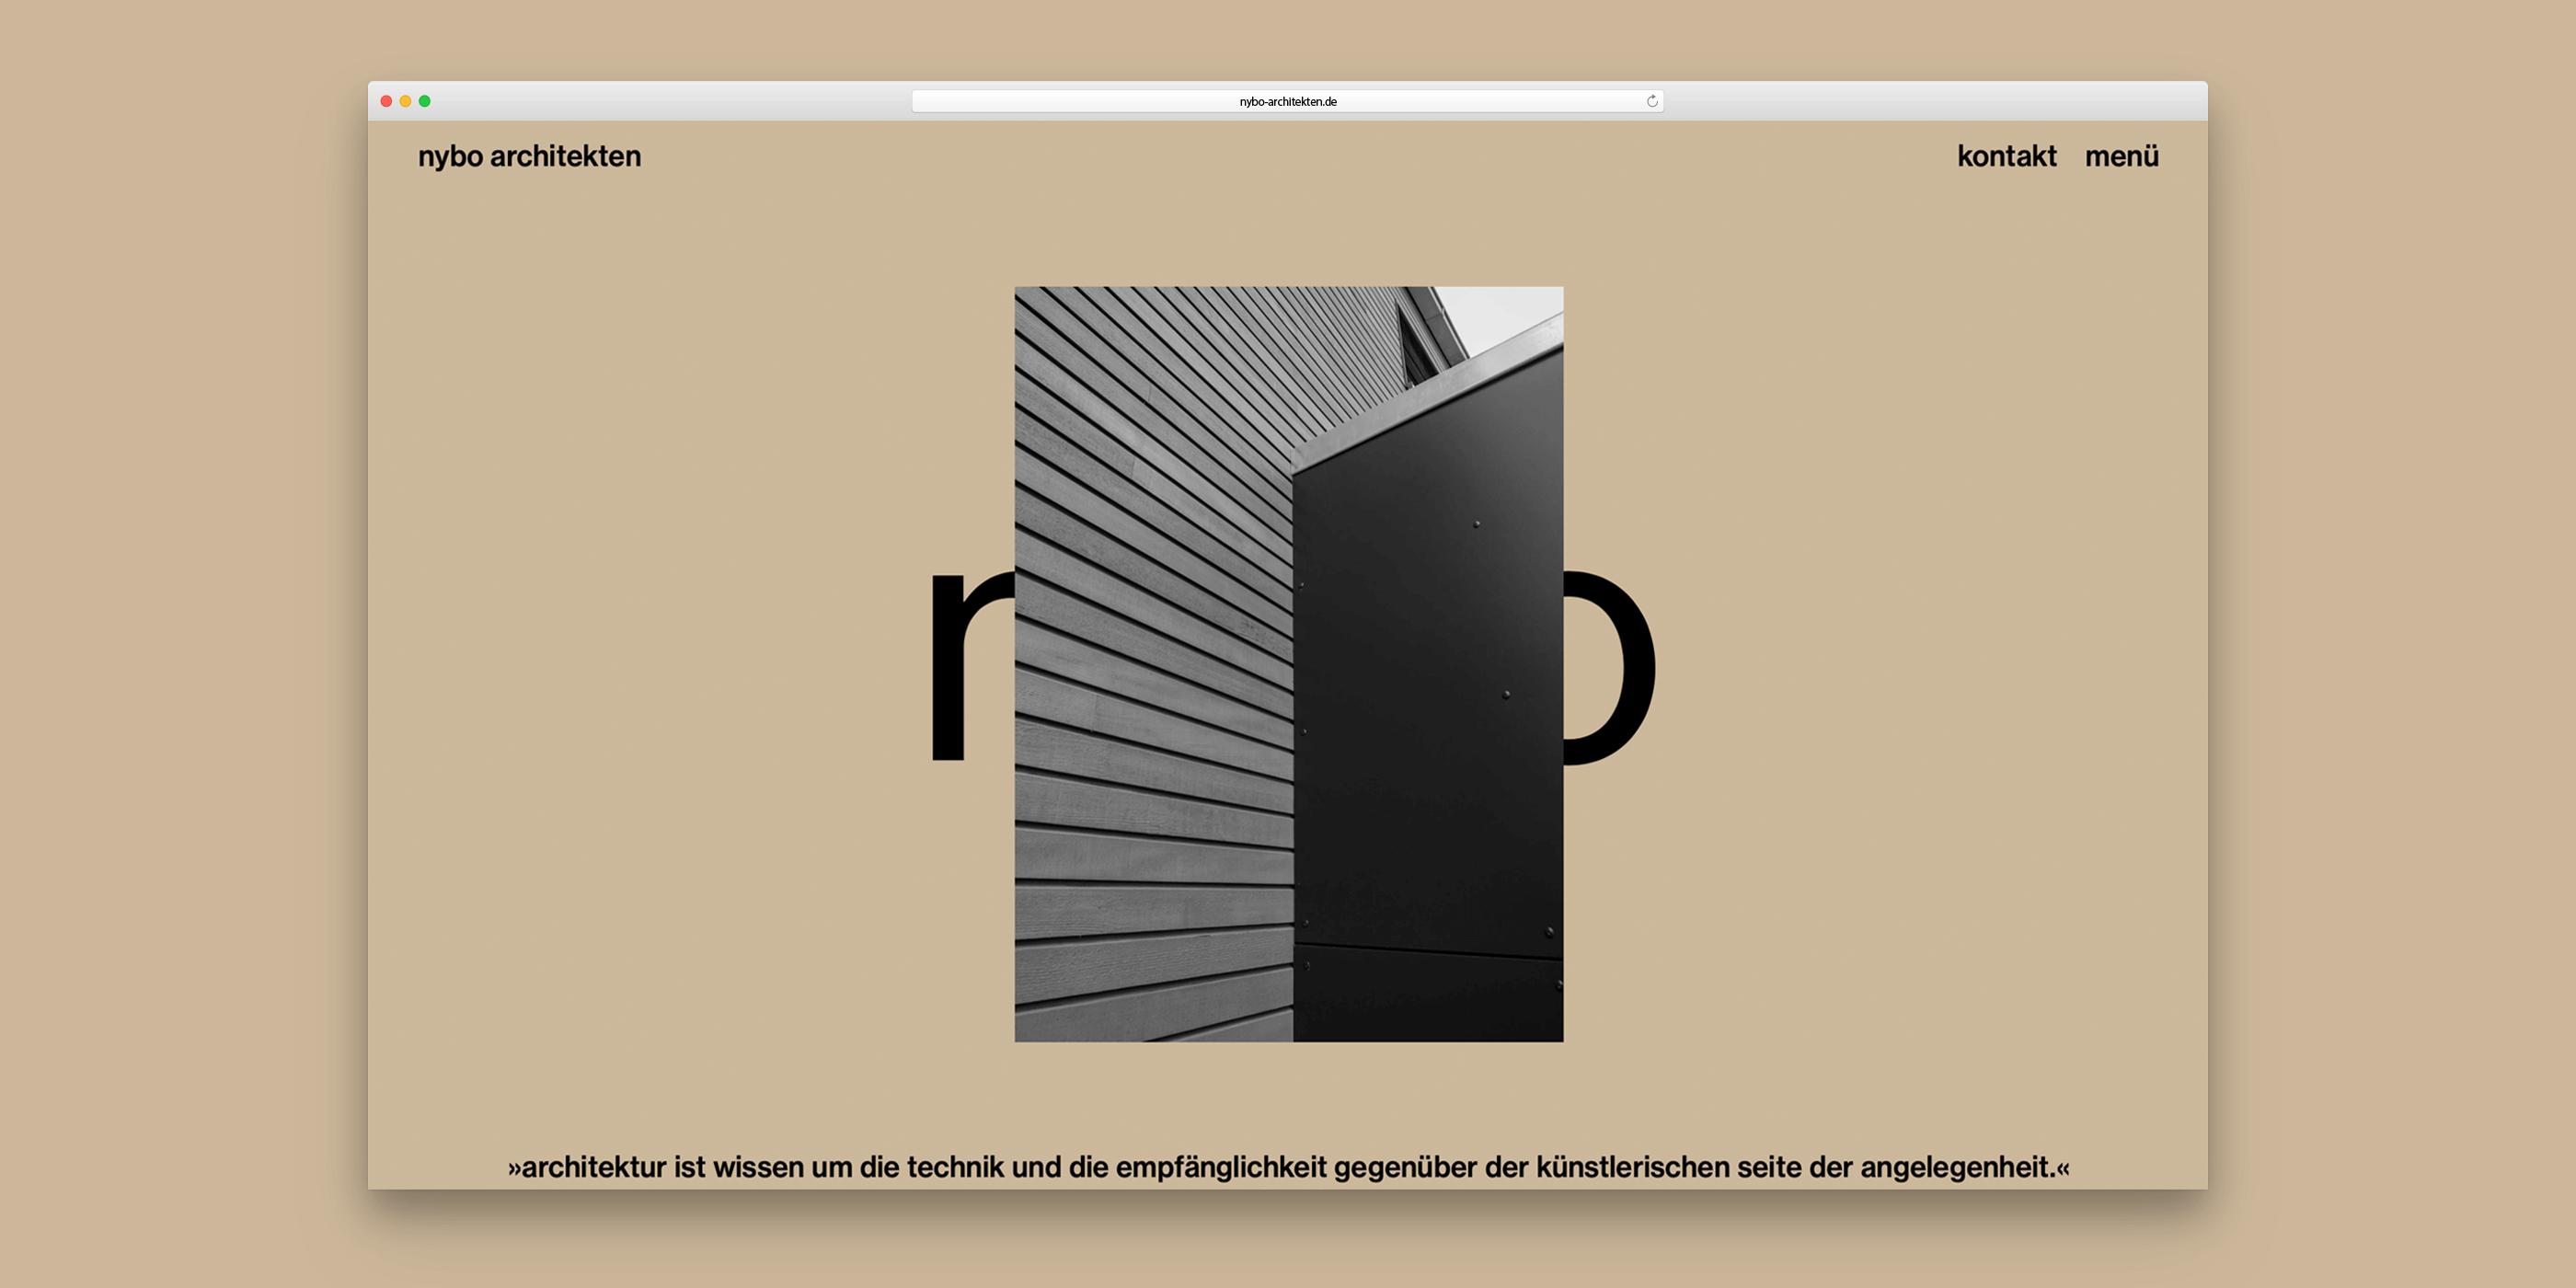 Fassadendetail und darunter ein Zitat von Arne Jacobsen